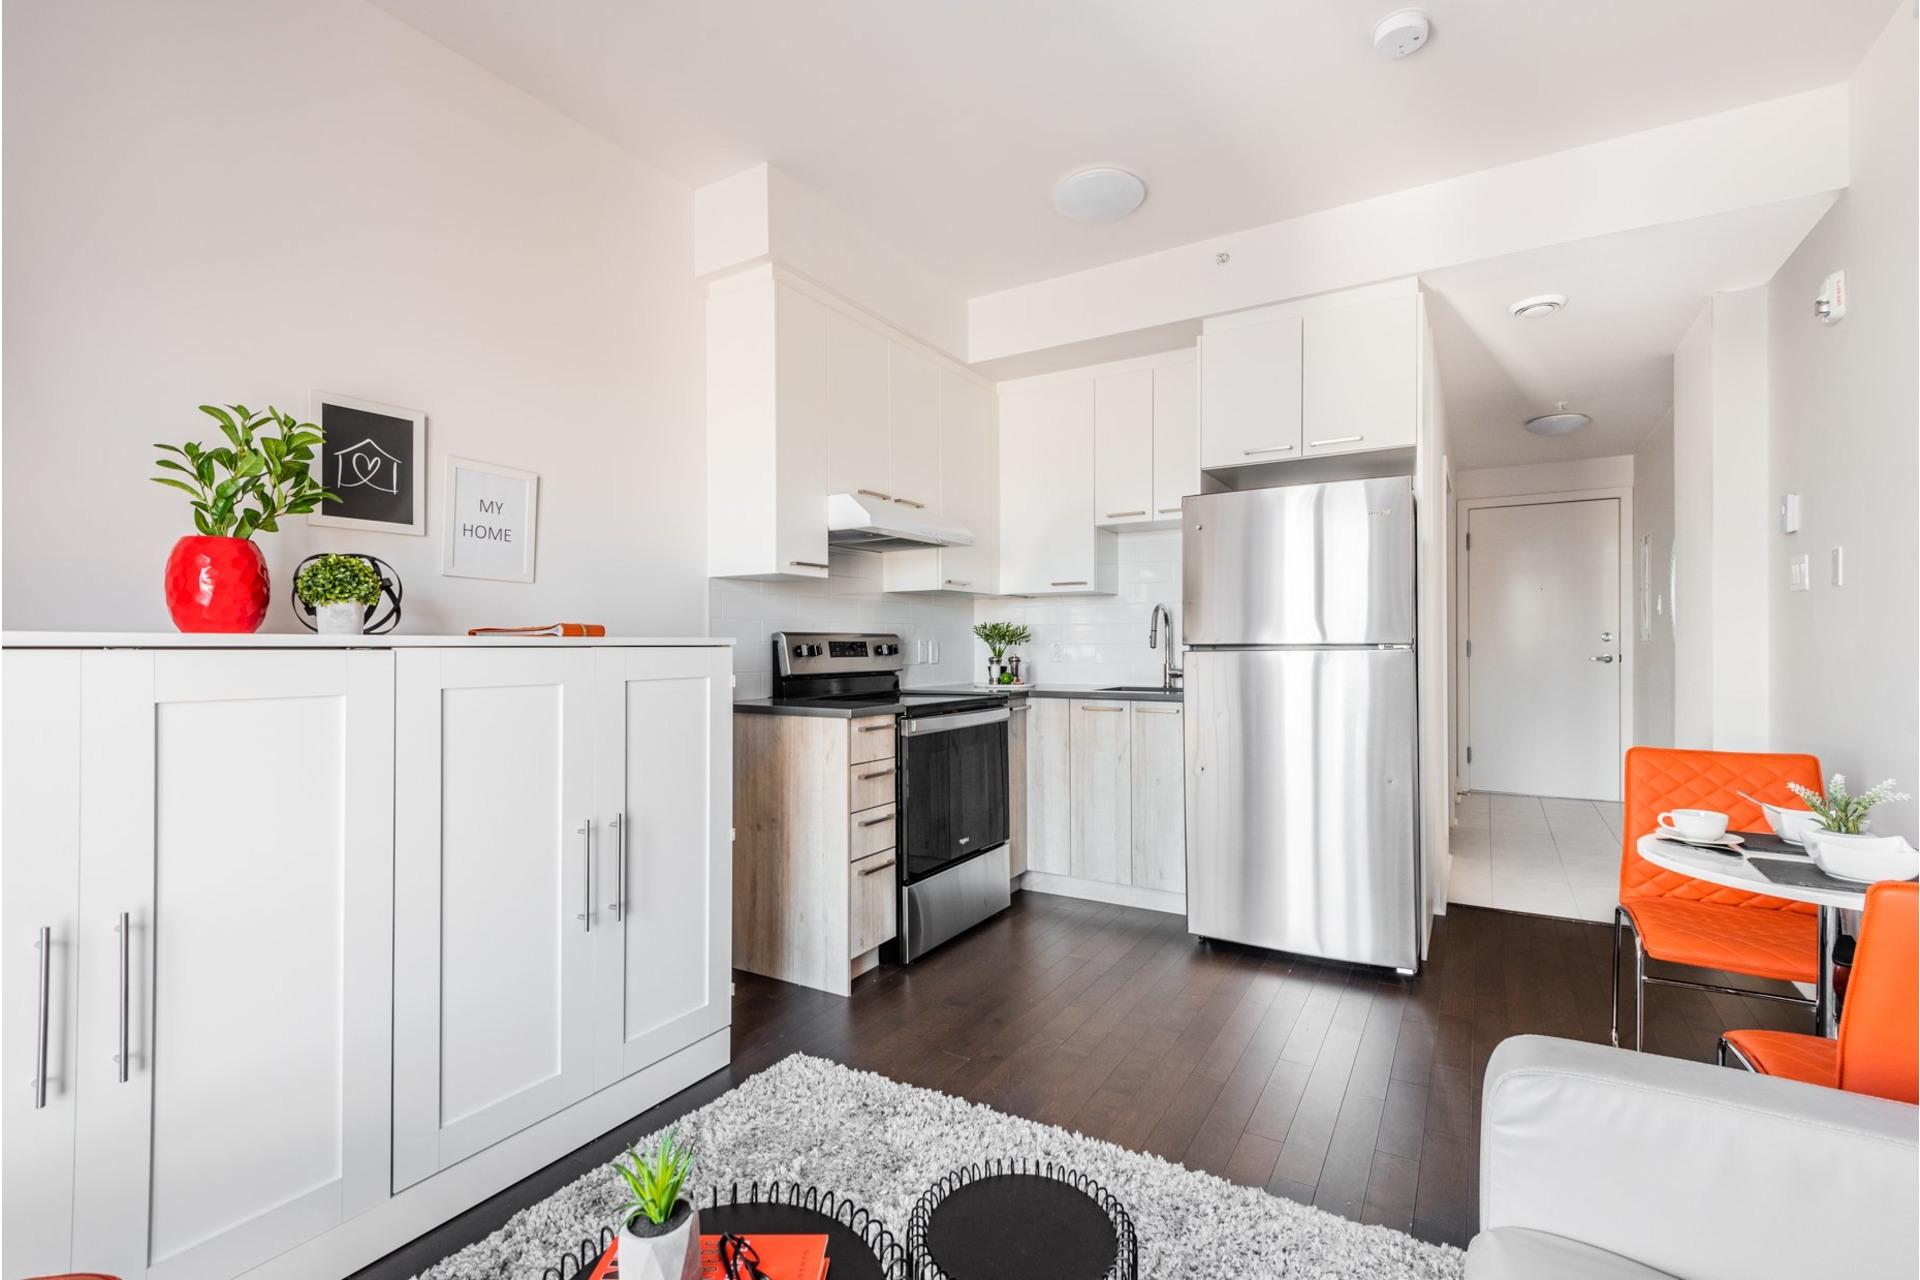 image 7 - Appartement À vendre Villeray/Saint-Michel/Parc-Extension Montréal  - 3 pièces